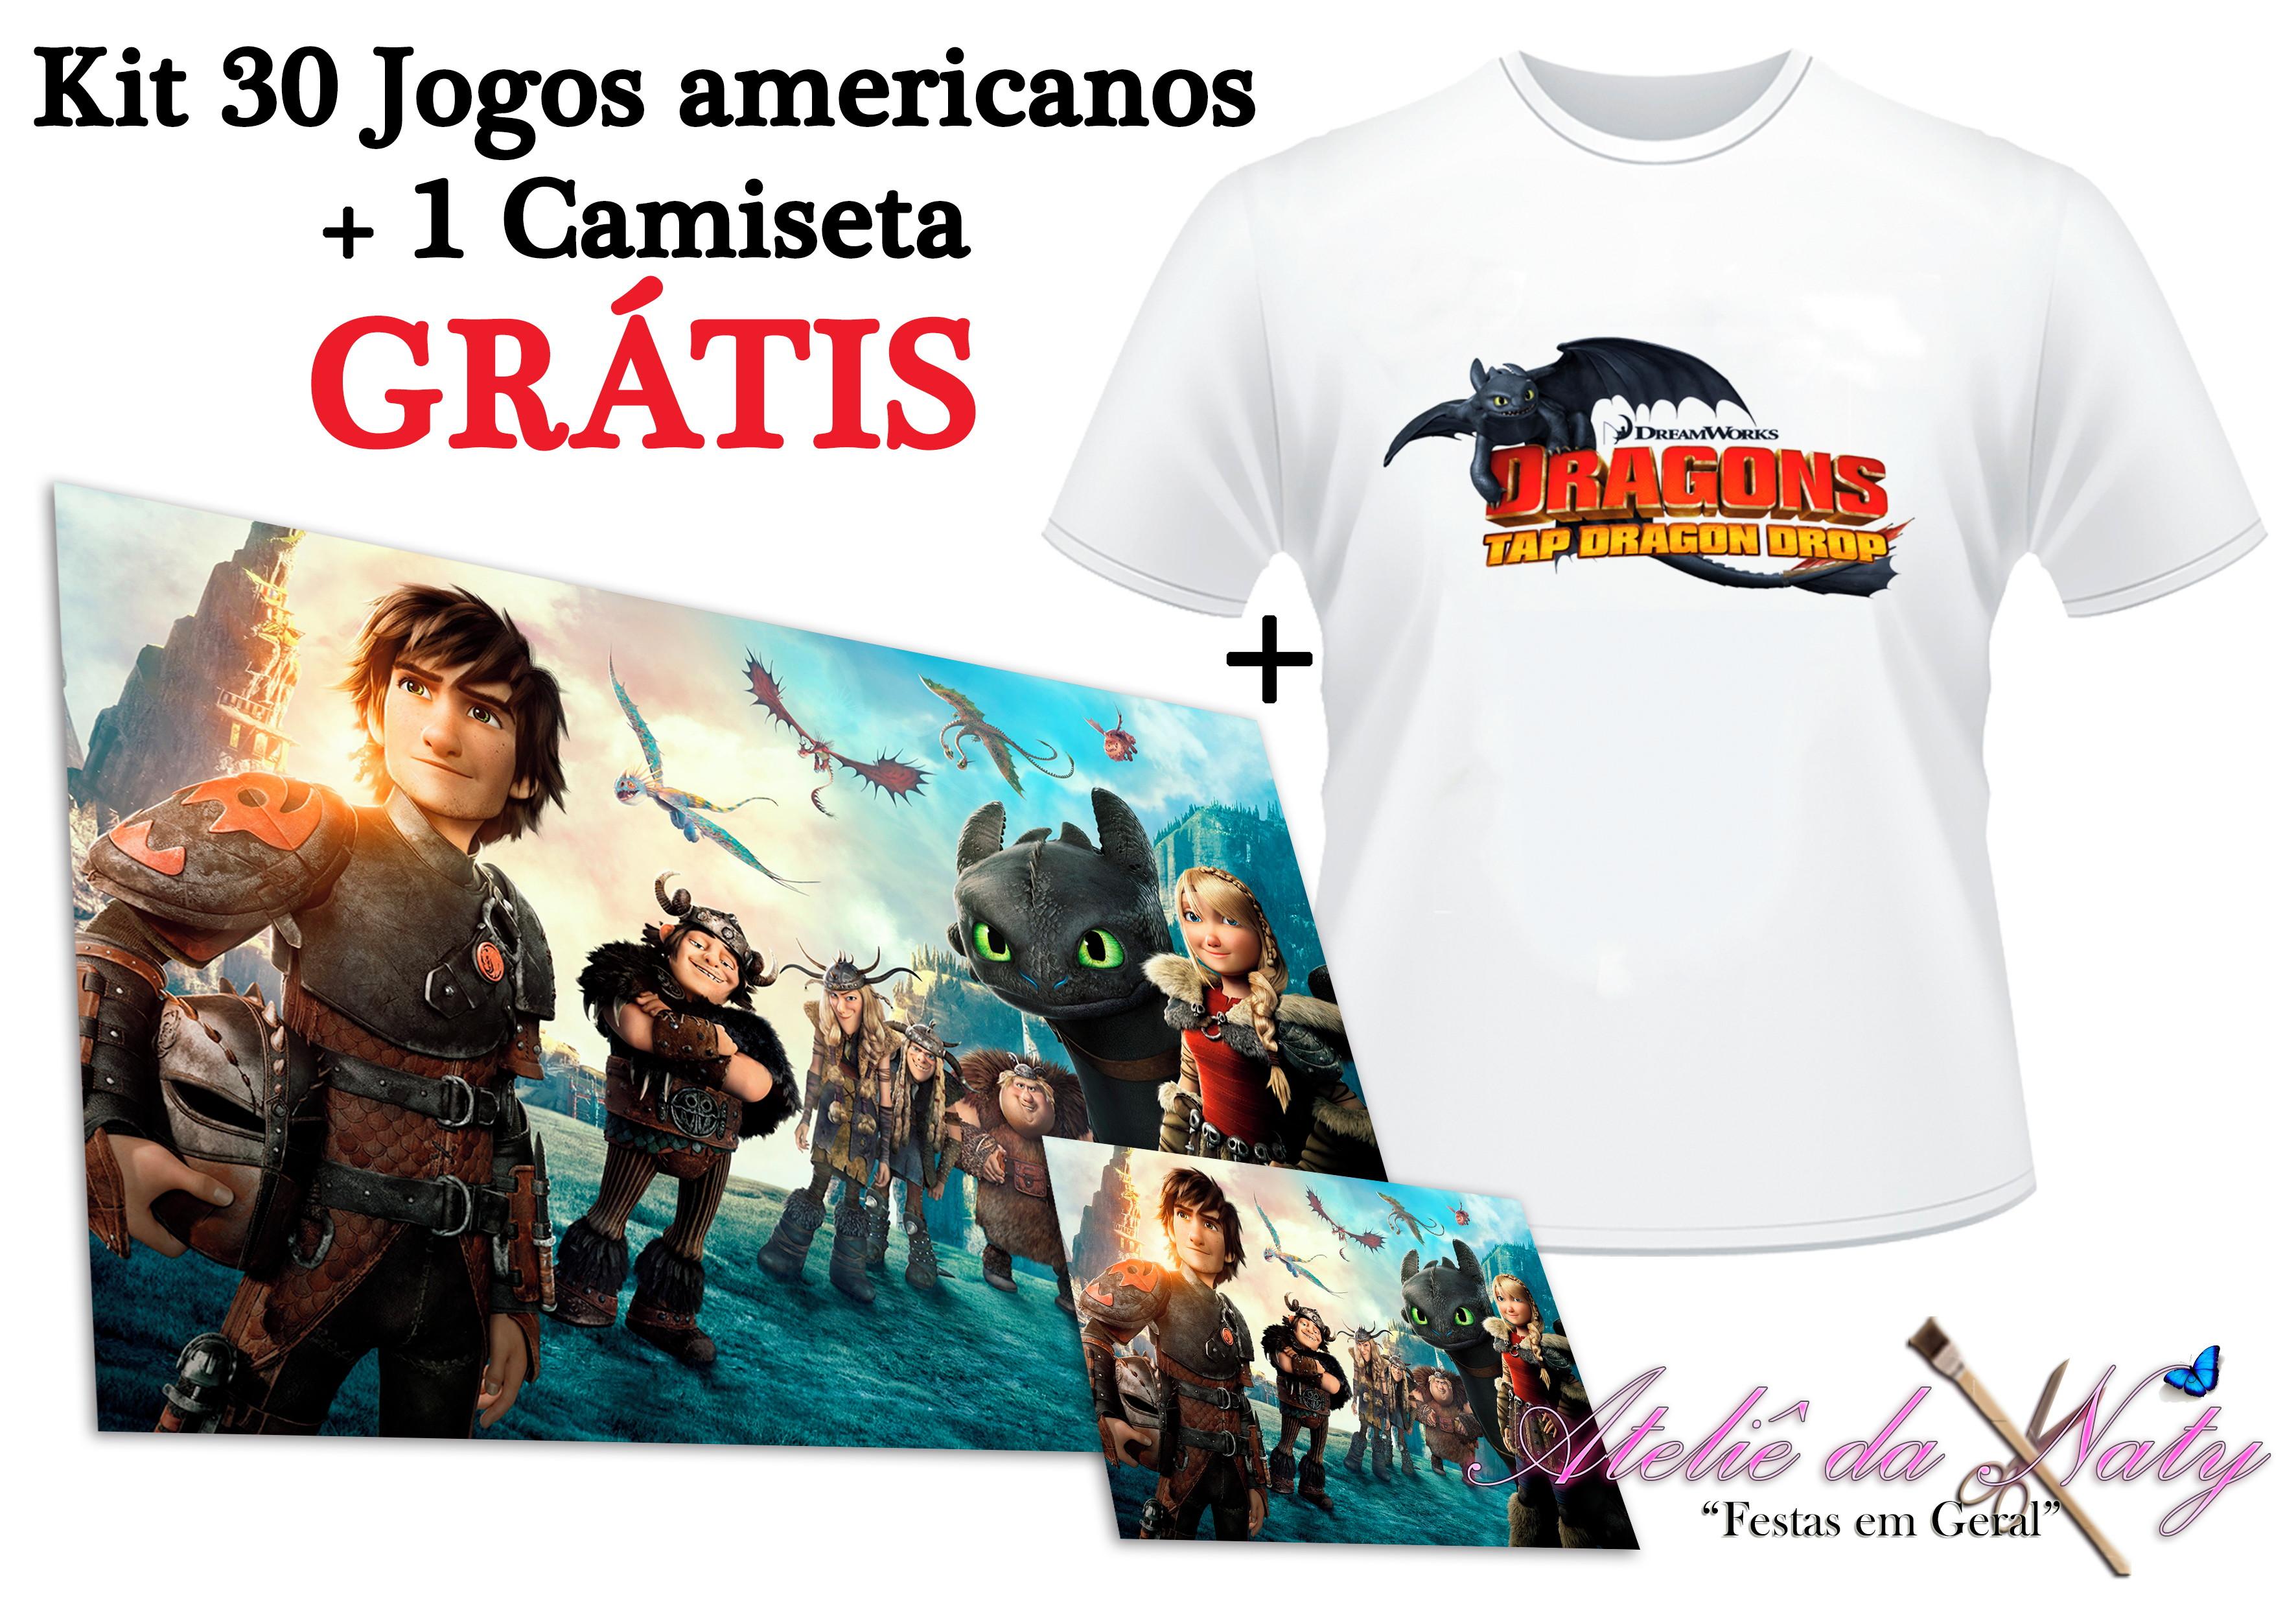 Jogo Americano e Camisa Como Treinar Seu Dragão  3cad226222b0b